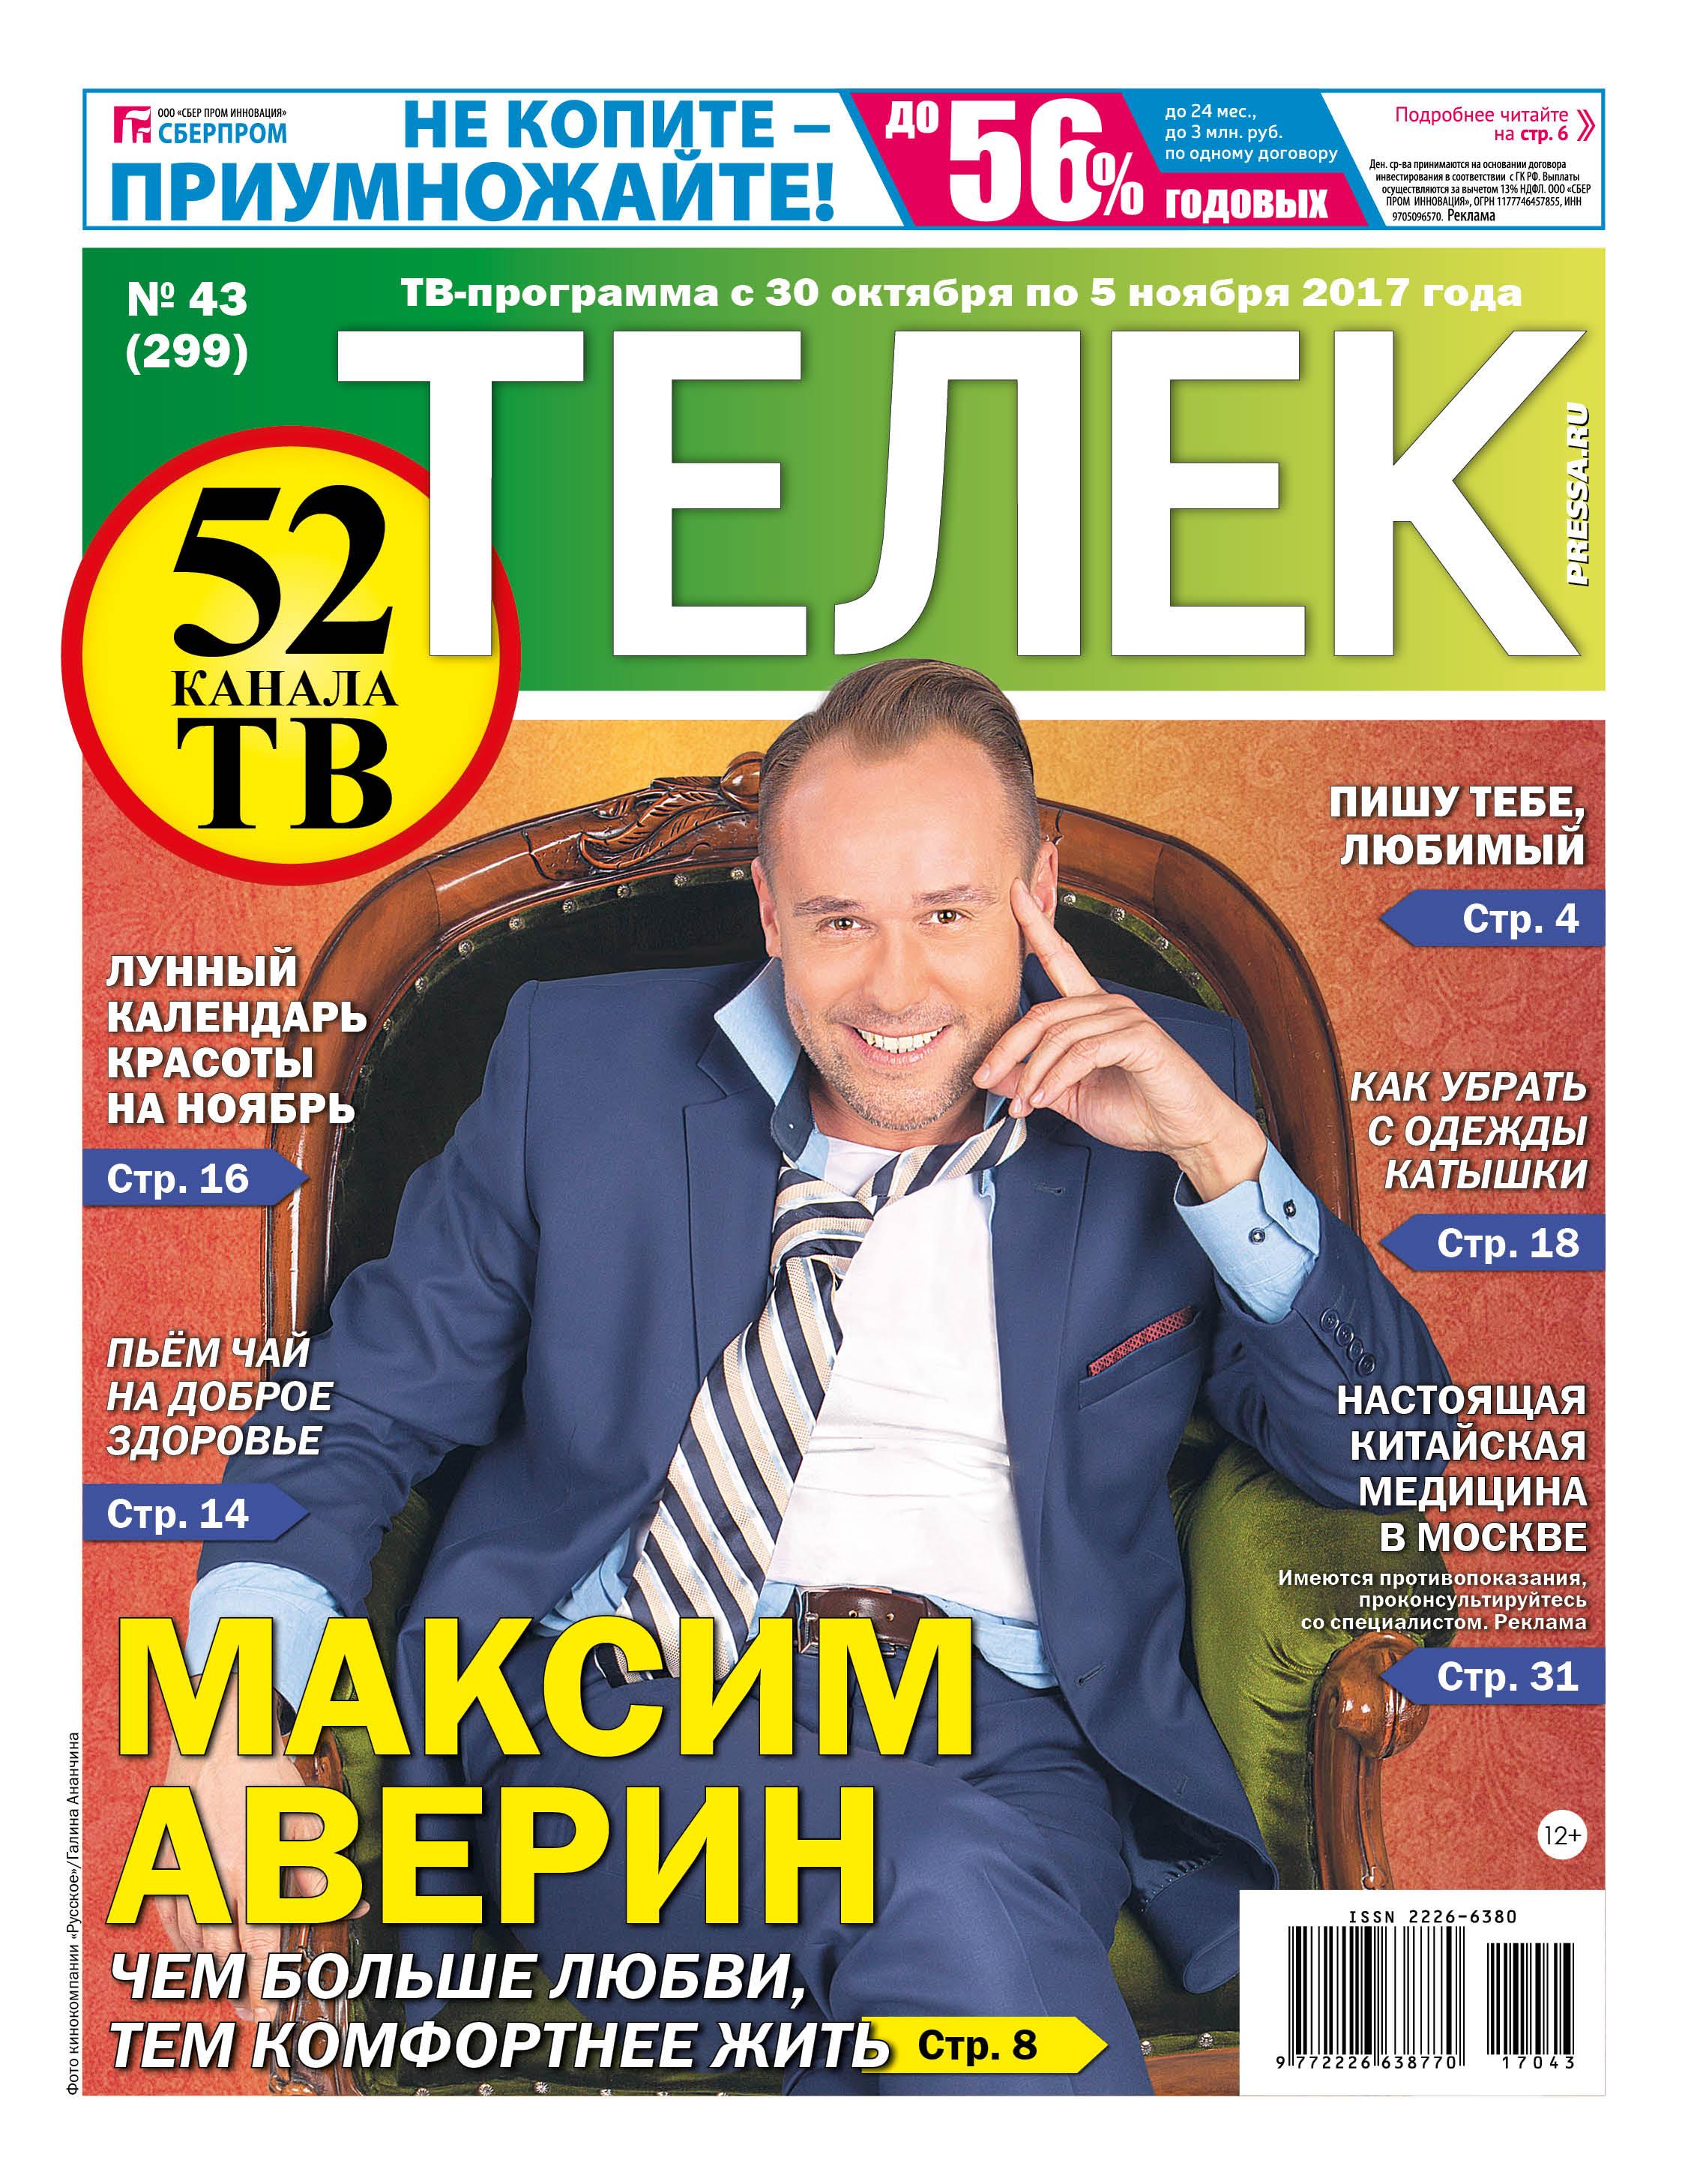 №43 (299) Максим Аверин